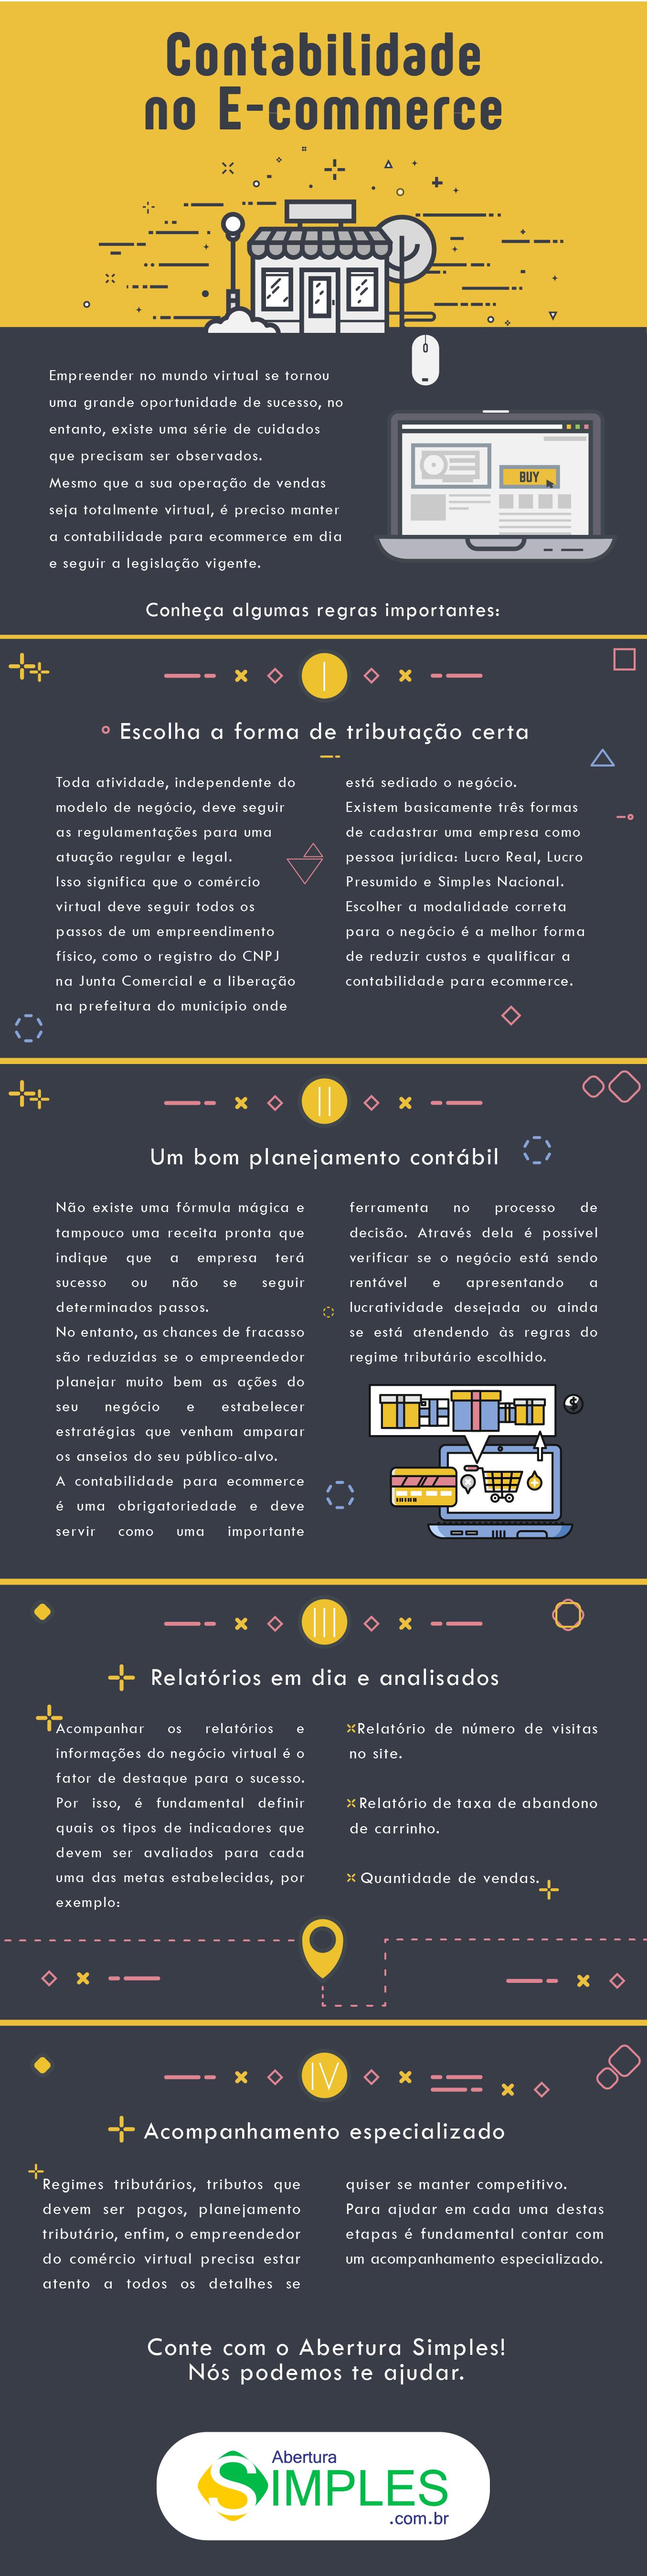 infográfico de Contabilidade no E-commerce